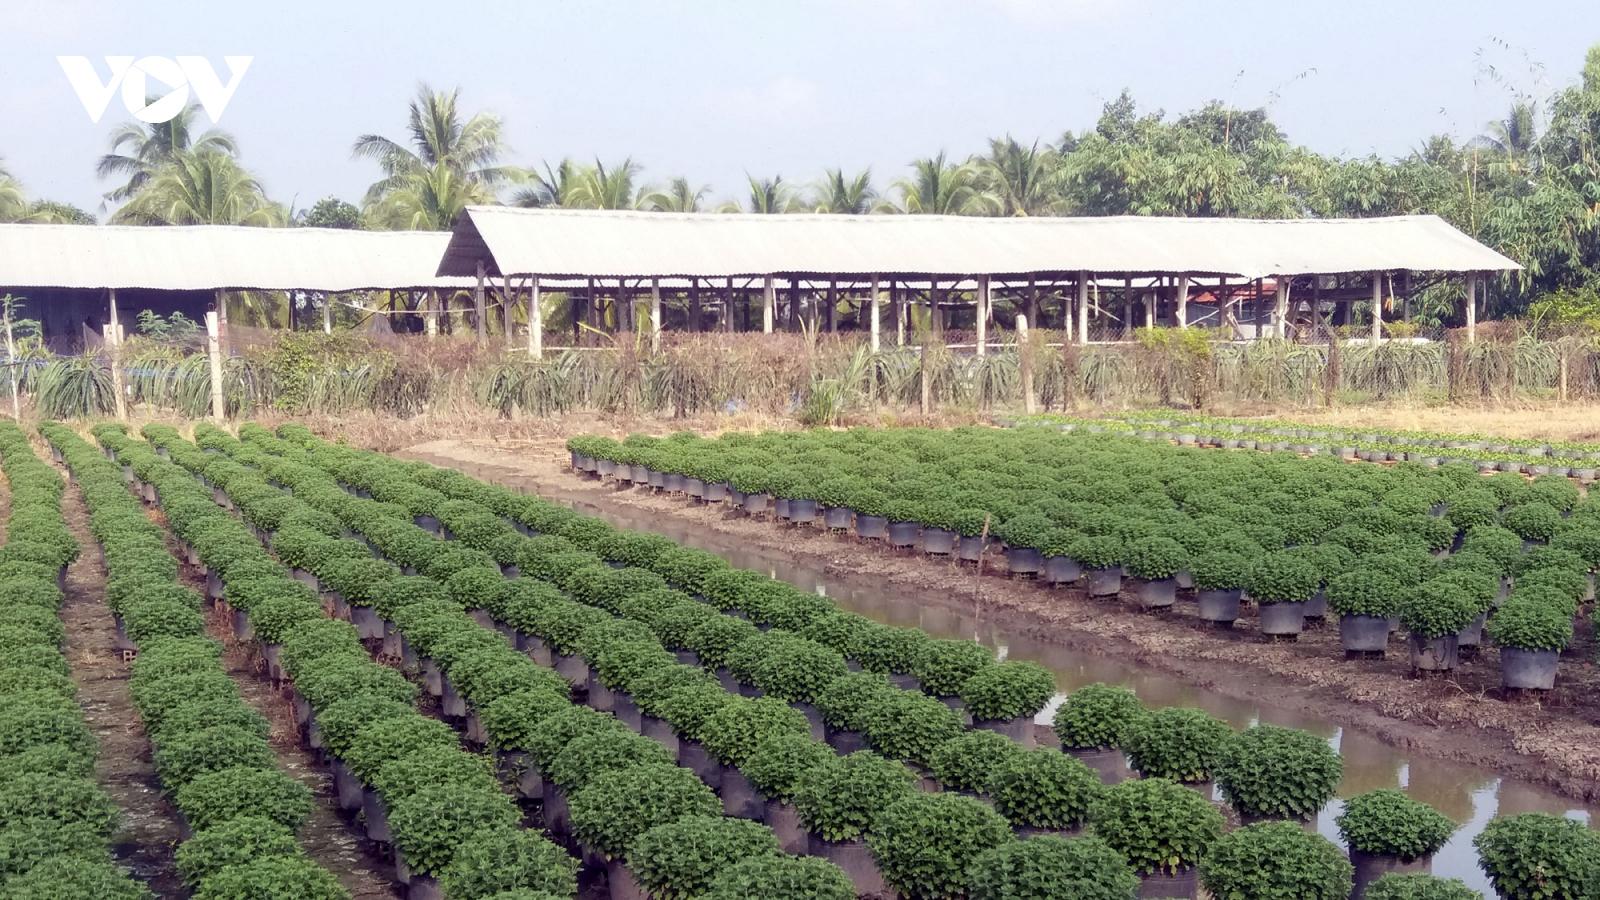 Thị trường hoa Tết Tân Sửu: Tiền Giang sẵn sàng 1 triệu giỏ hoa